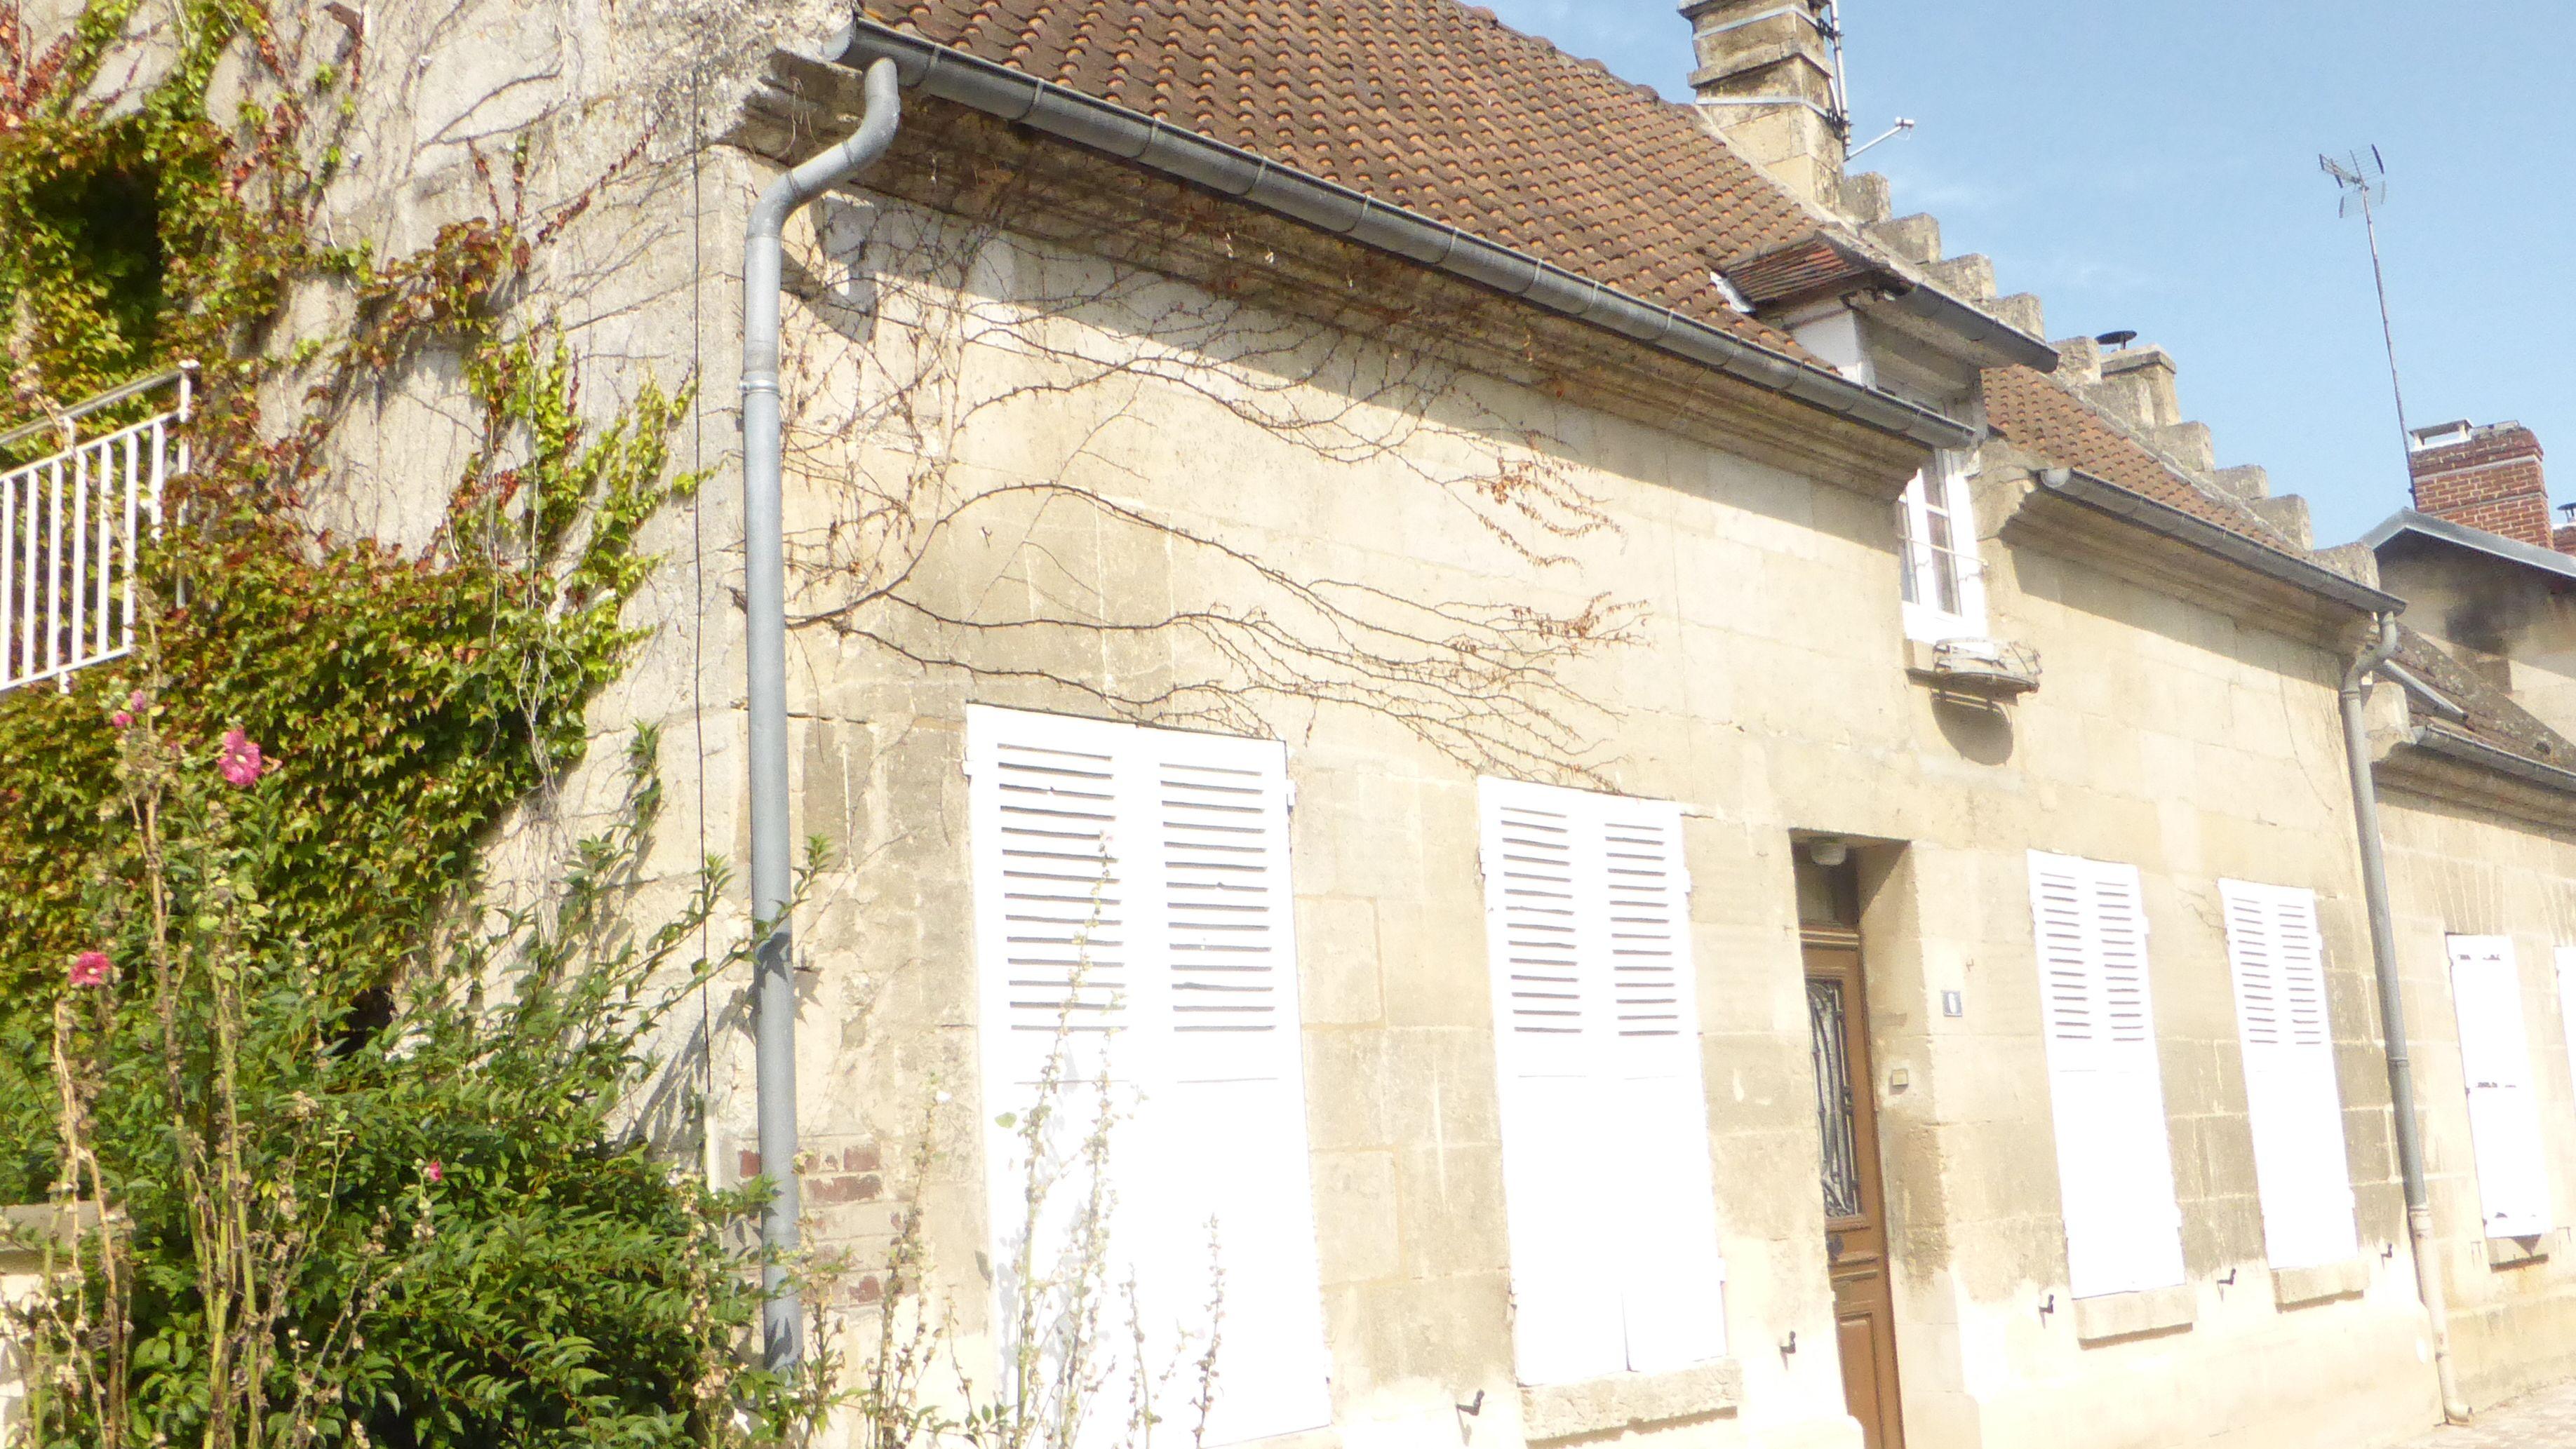 Vieux-Moulin (60350)